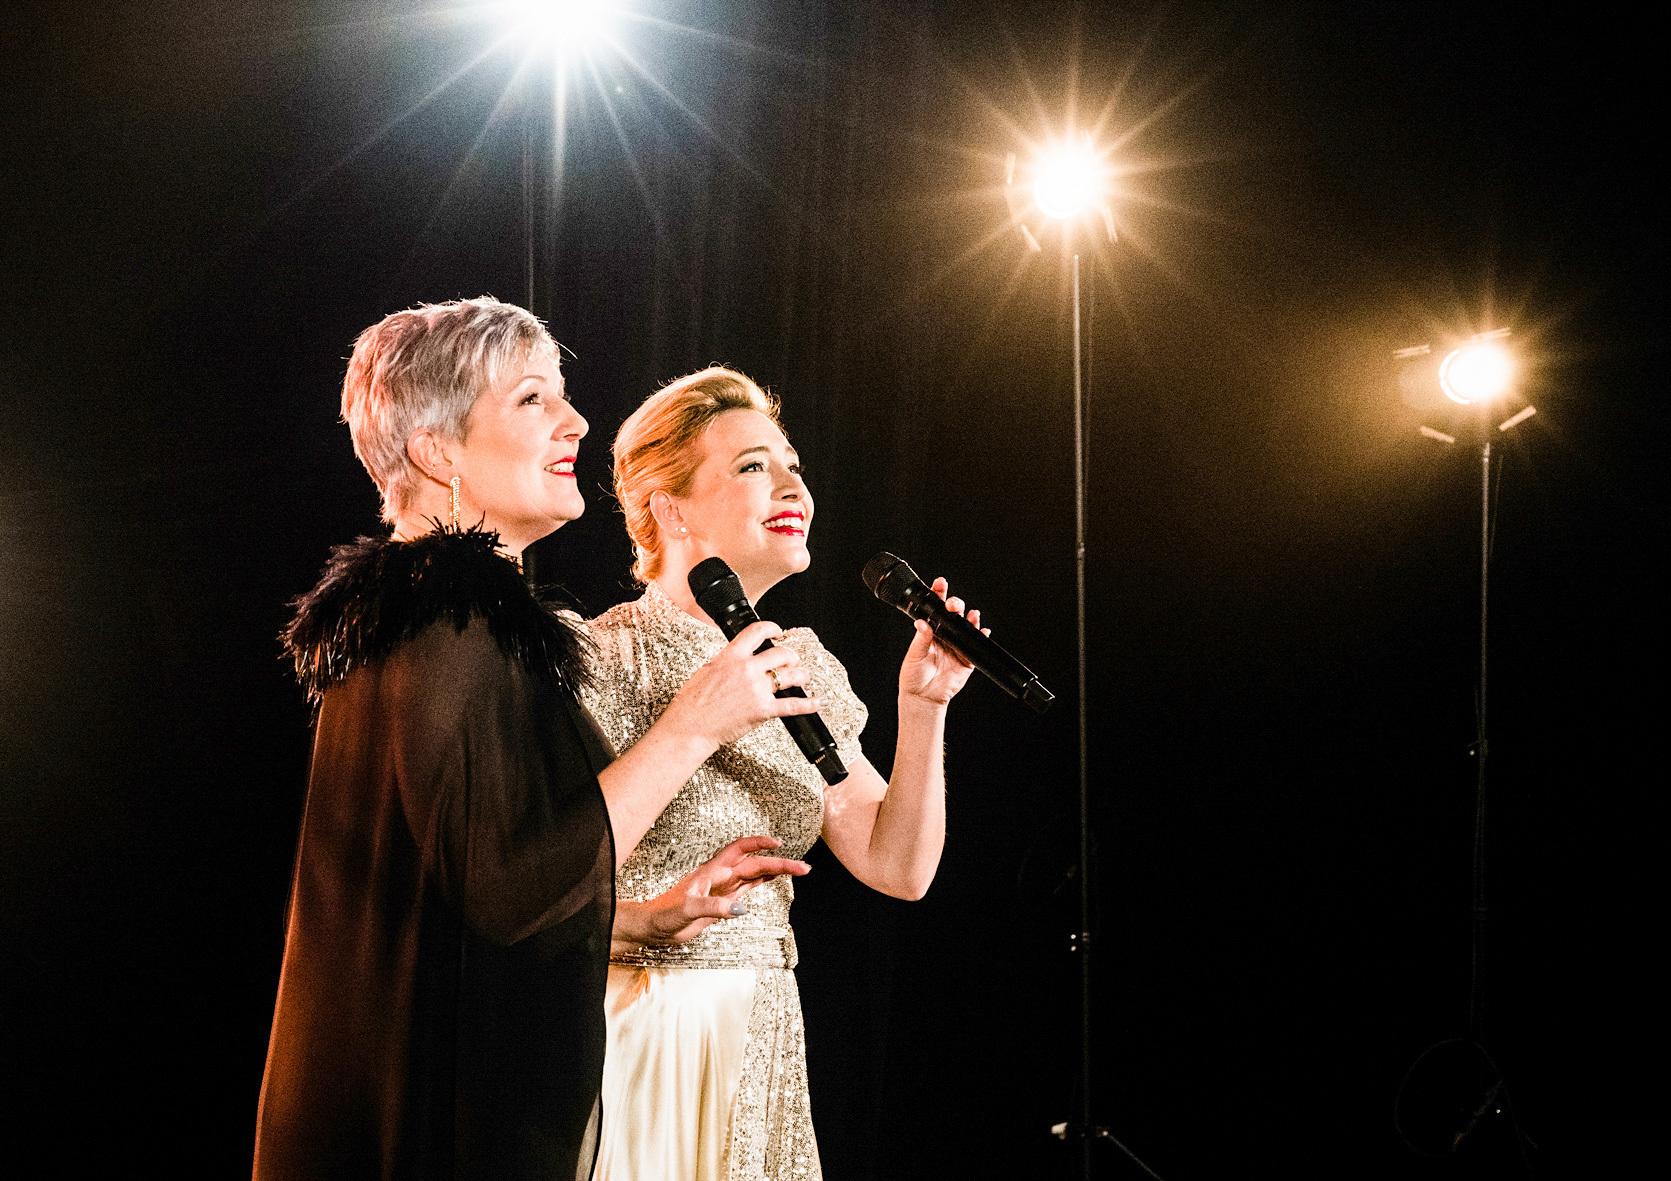 Das große Musical-TV-Konzert der Vereinigten Bühnen Wien - Carin Filipcic und Wietske van Tongeren - Credits: ORF / Vereinigten Bühnen Wien / Stefanie J Steindl